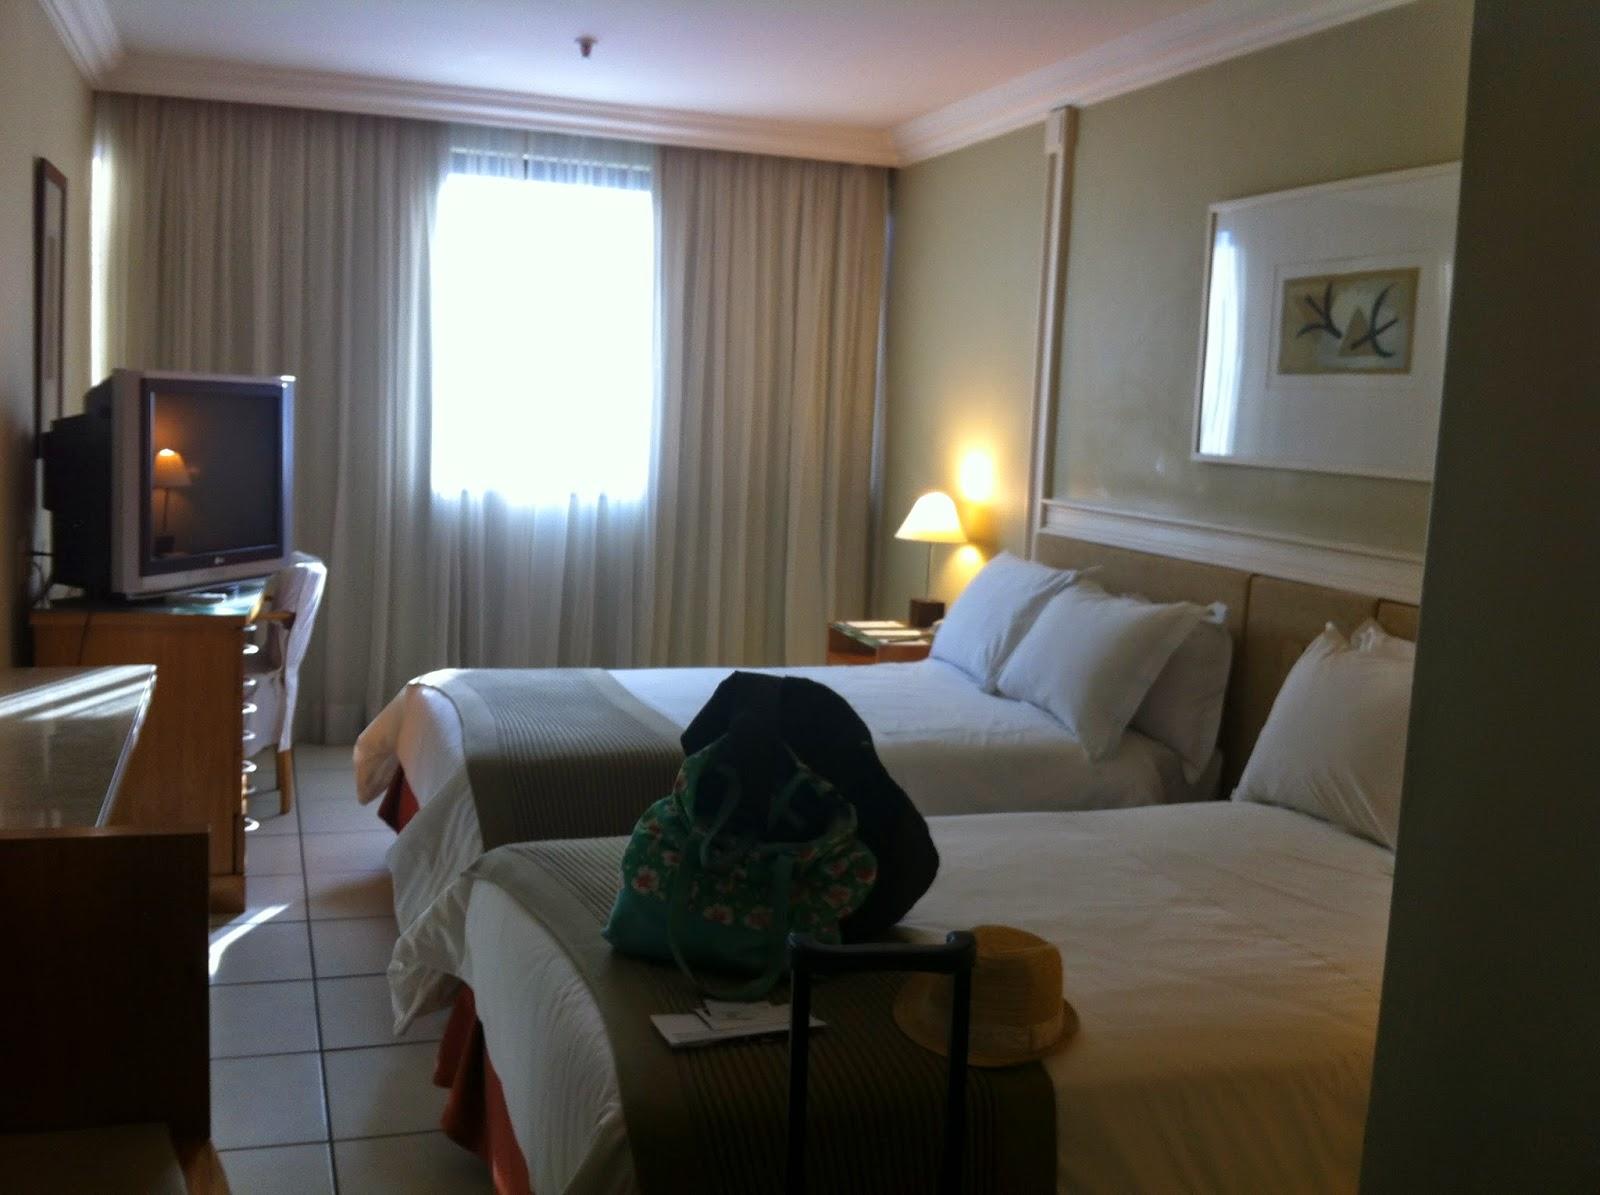 My room at Golden Tulip, Rio De Janeiro